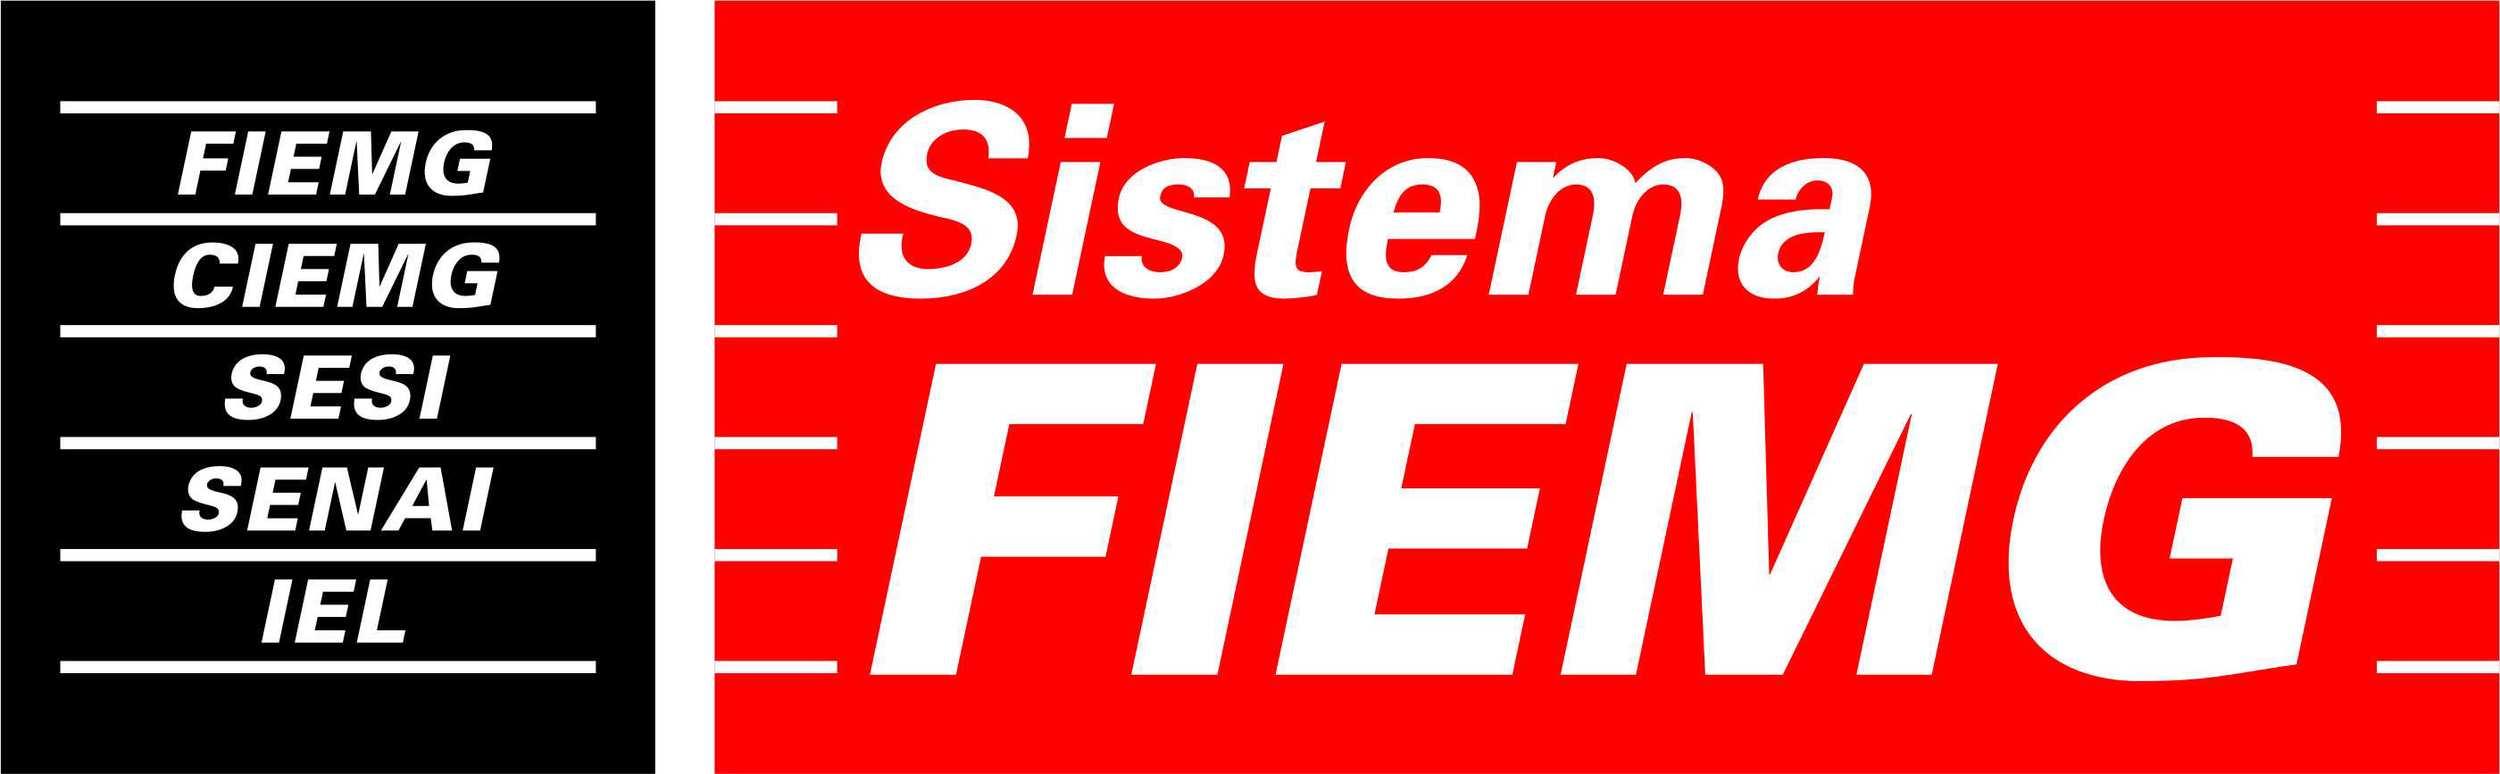 Sistema FIEMG